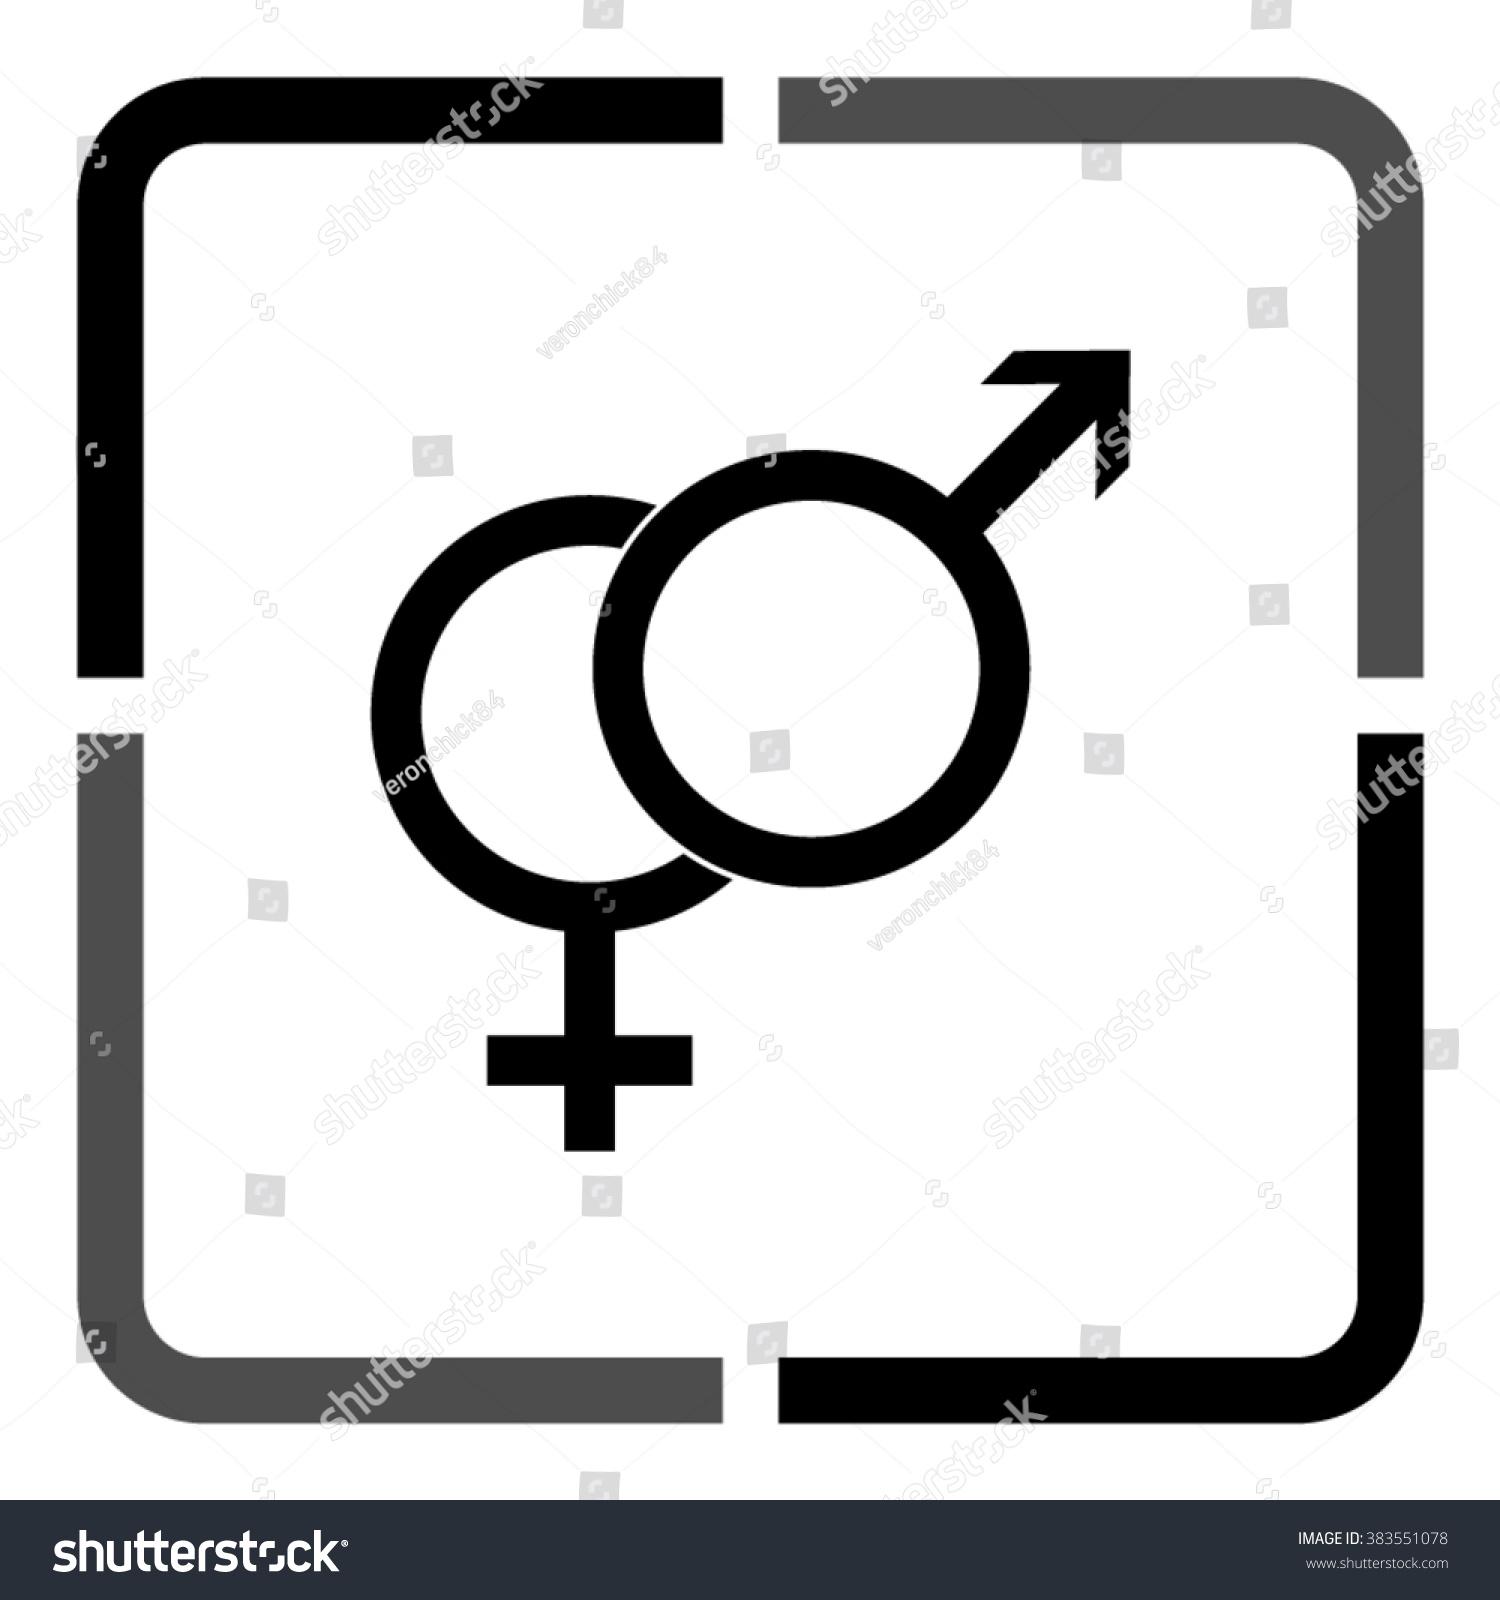 Male female symbols black vector icon stock vector 383551078 male female symbols black vector icon stock vector 383551078 shutterstock buycottarizona